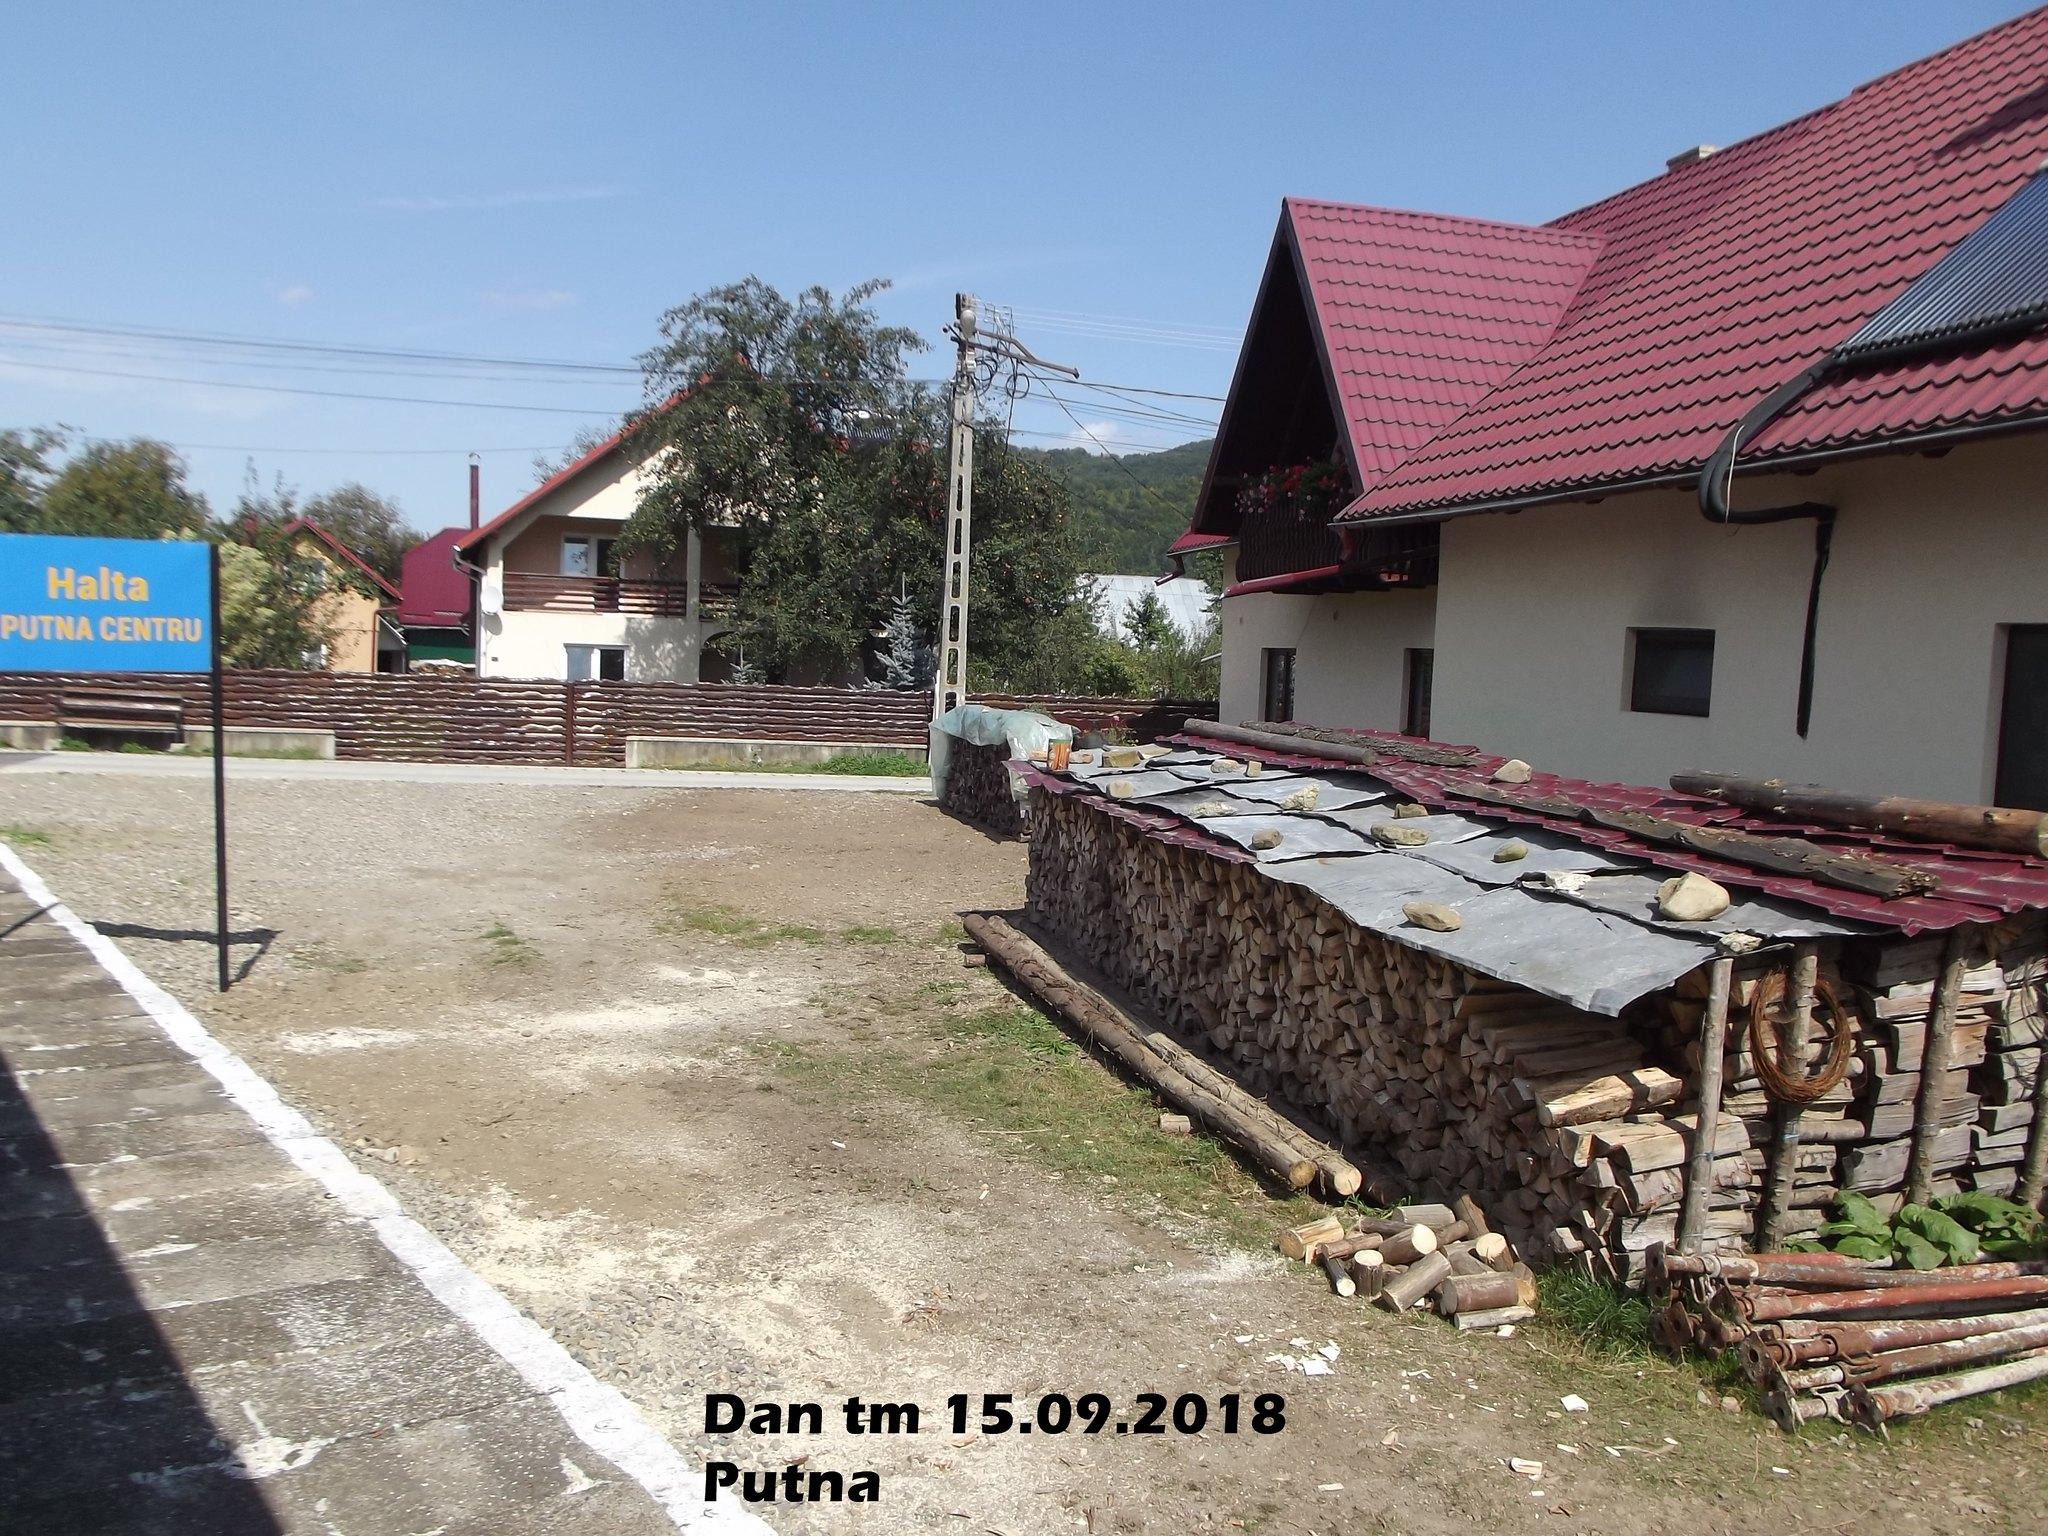 515 : Dorneşti - Gura Putnei - (Putna) - Nisipitu - Seletin UKR - Pagina 47 43826158045_62af7569b7_k